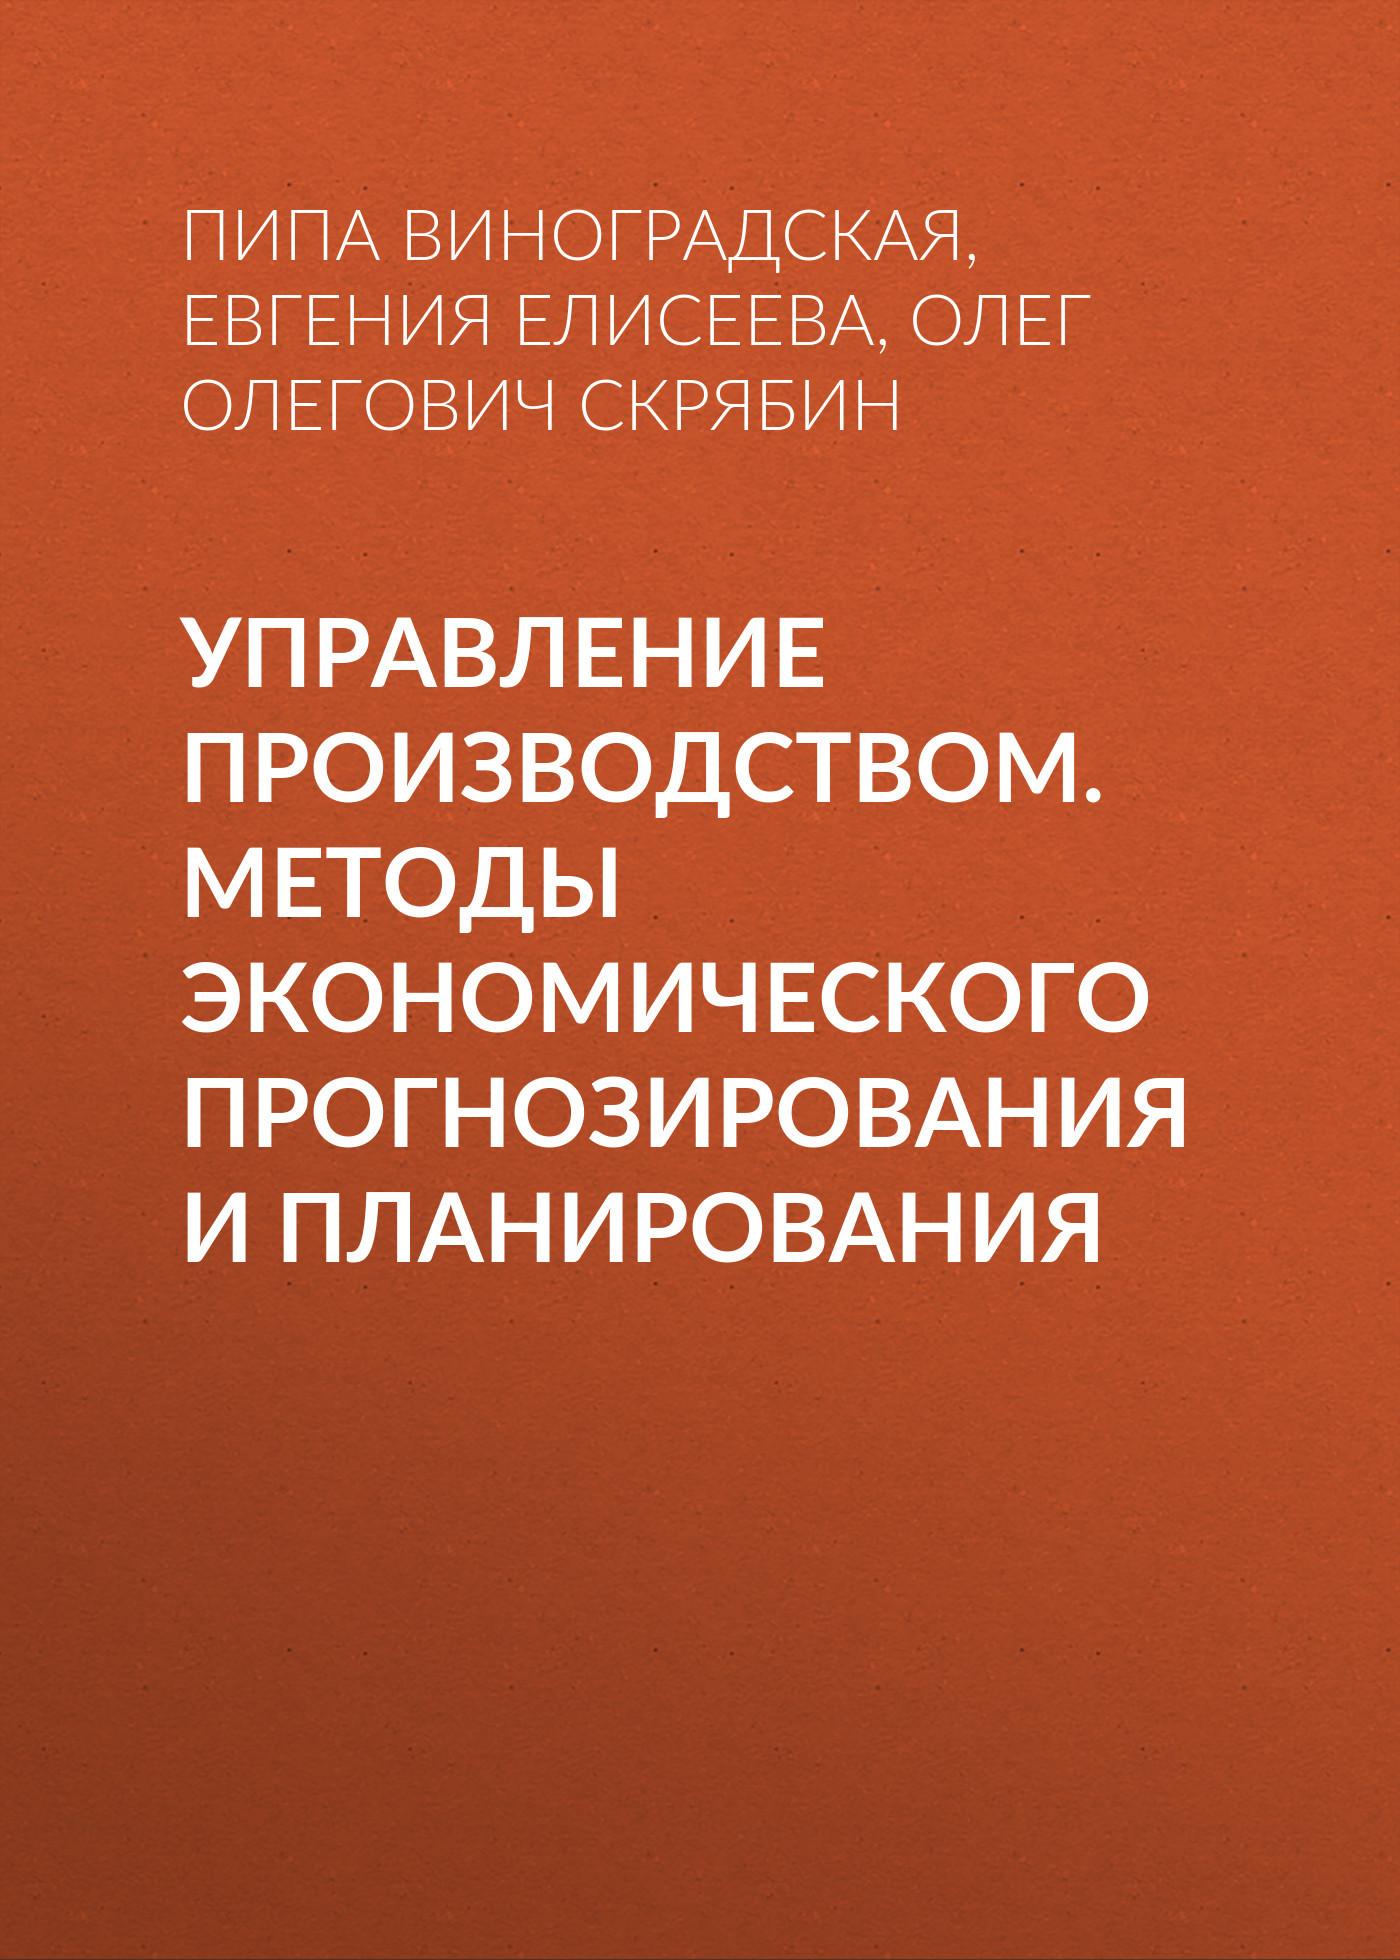 Евгения Елисеева Управление производством. Методы экономического прогнозирования и планирования кибернетика и управление производством